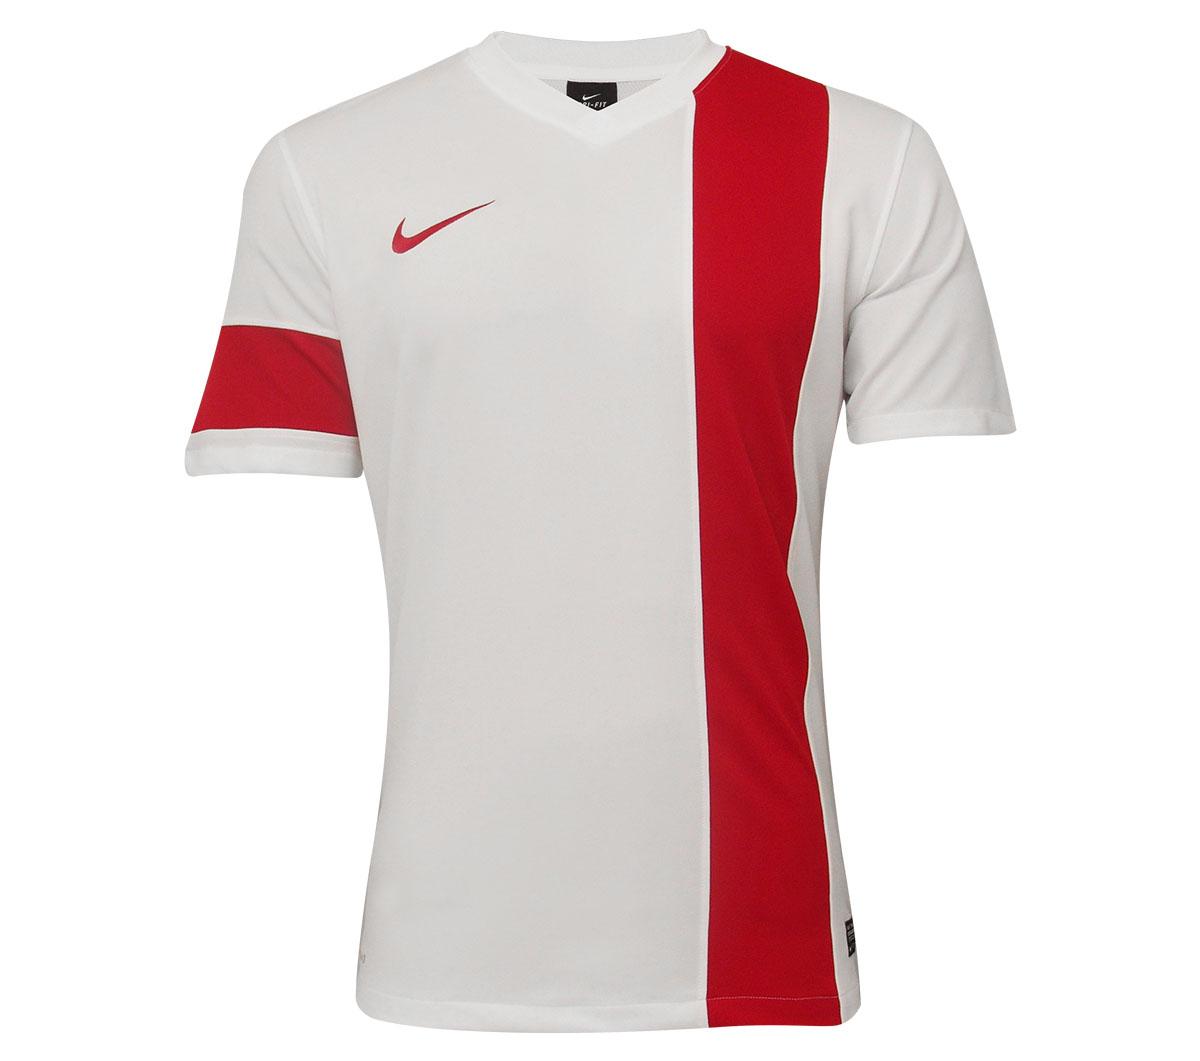 a511d85ed4 Camisa Nike SS Striker III Branca e Vermelha - Mundo do Futebol